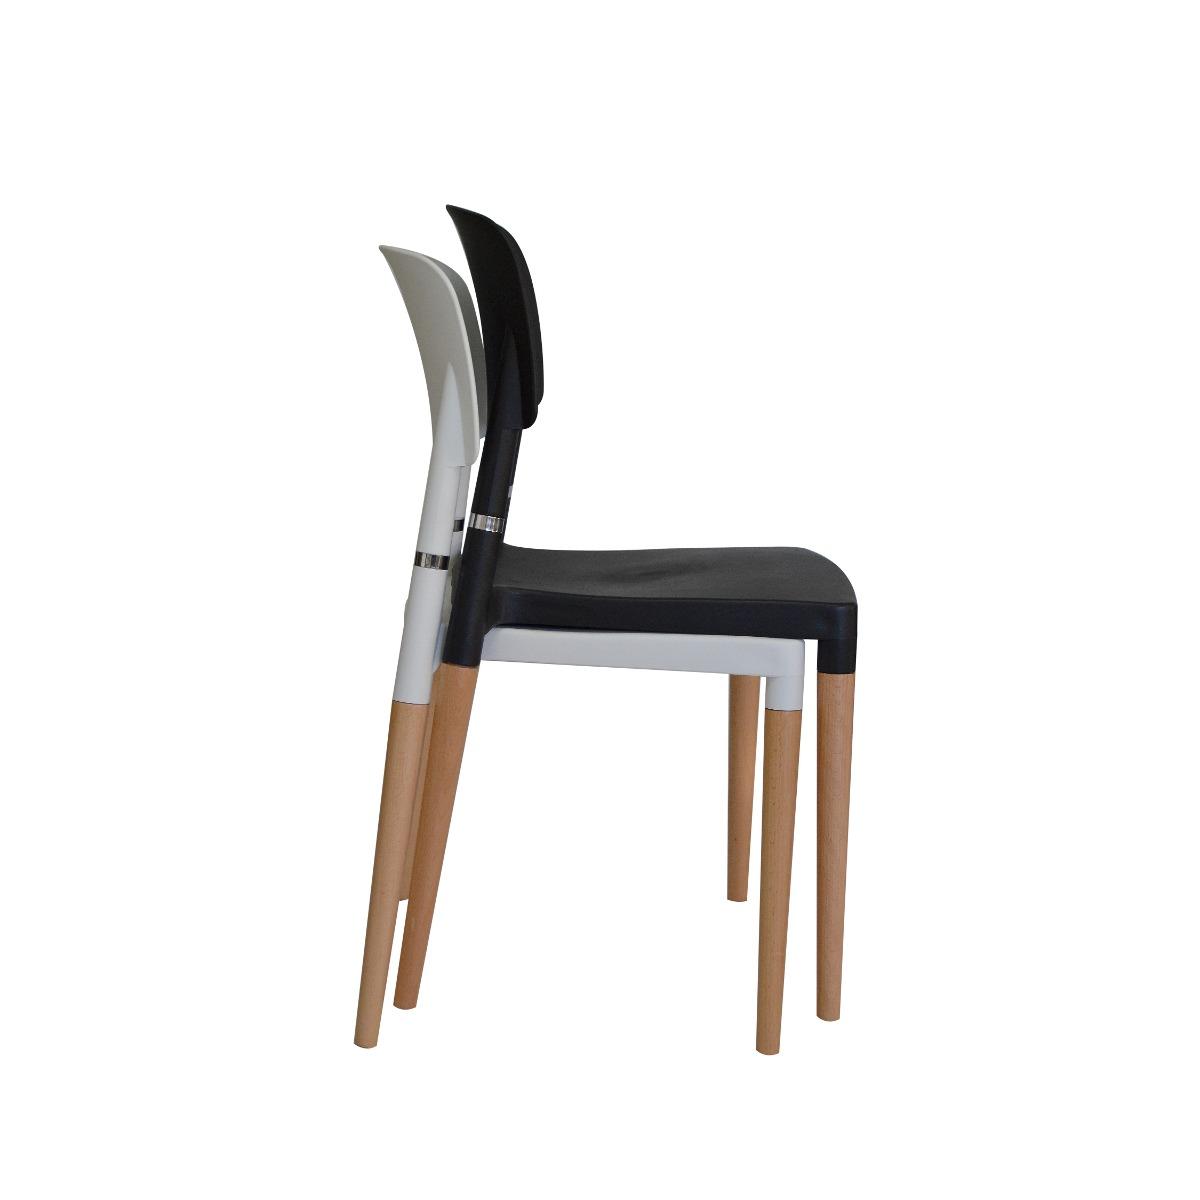 Cadeira Para Escritório Belloch R$ 229 98 em Mercado Livre #774E2C 1200x1200